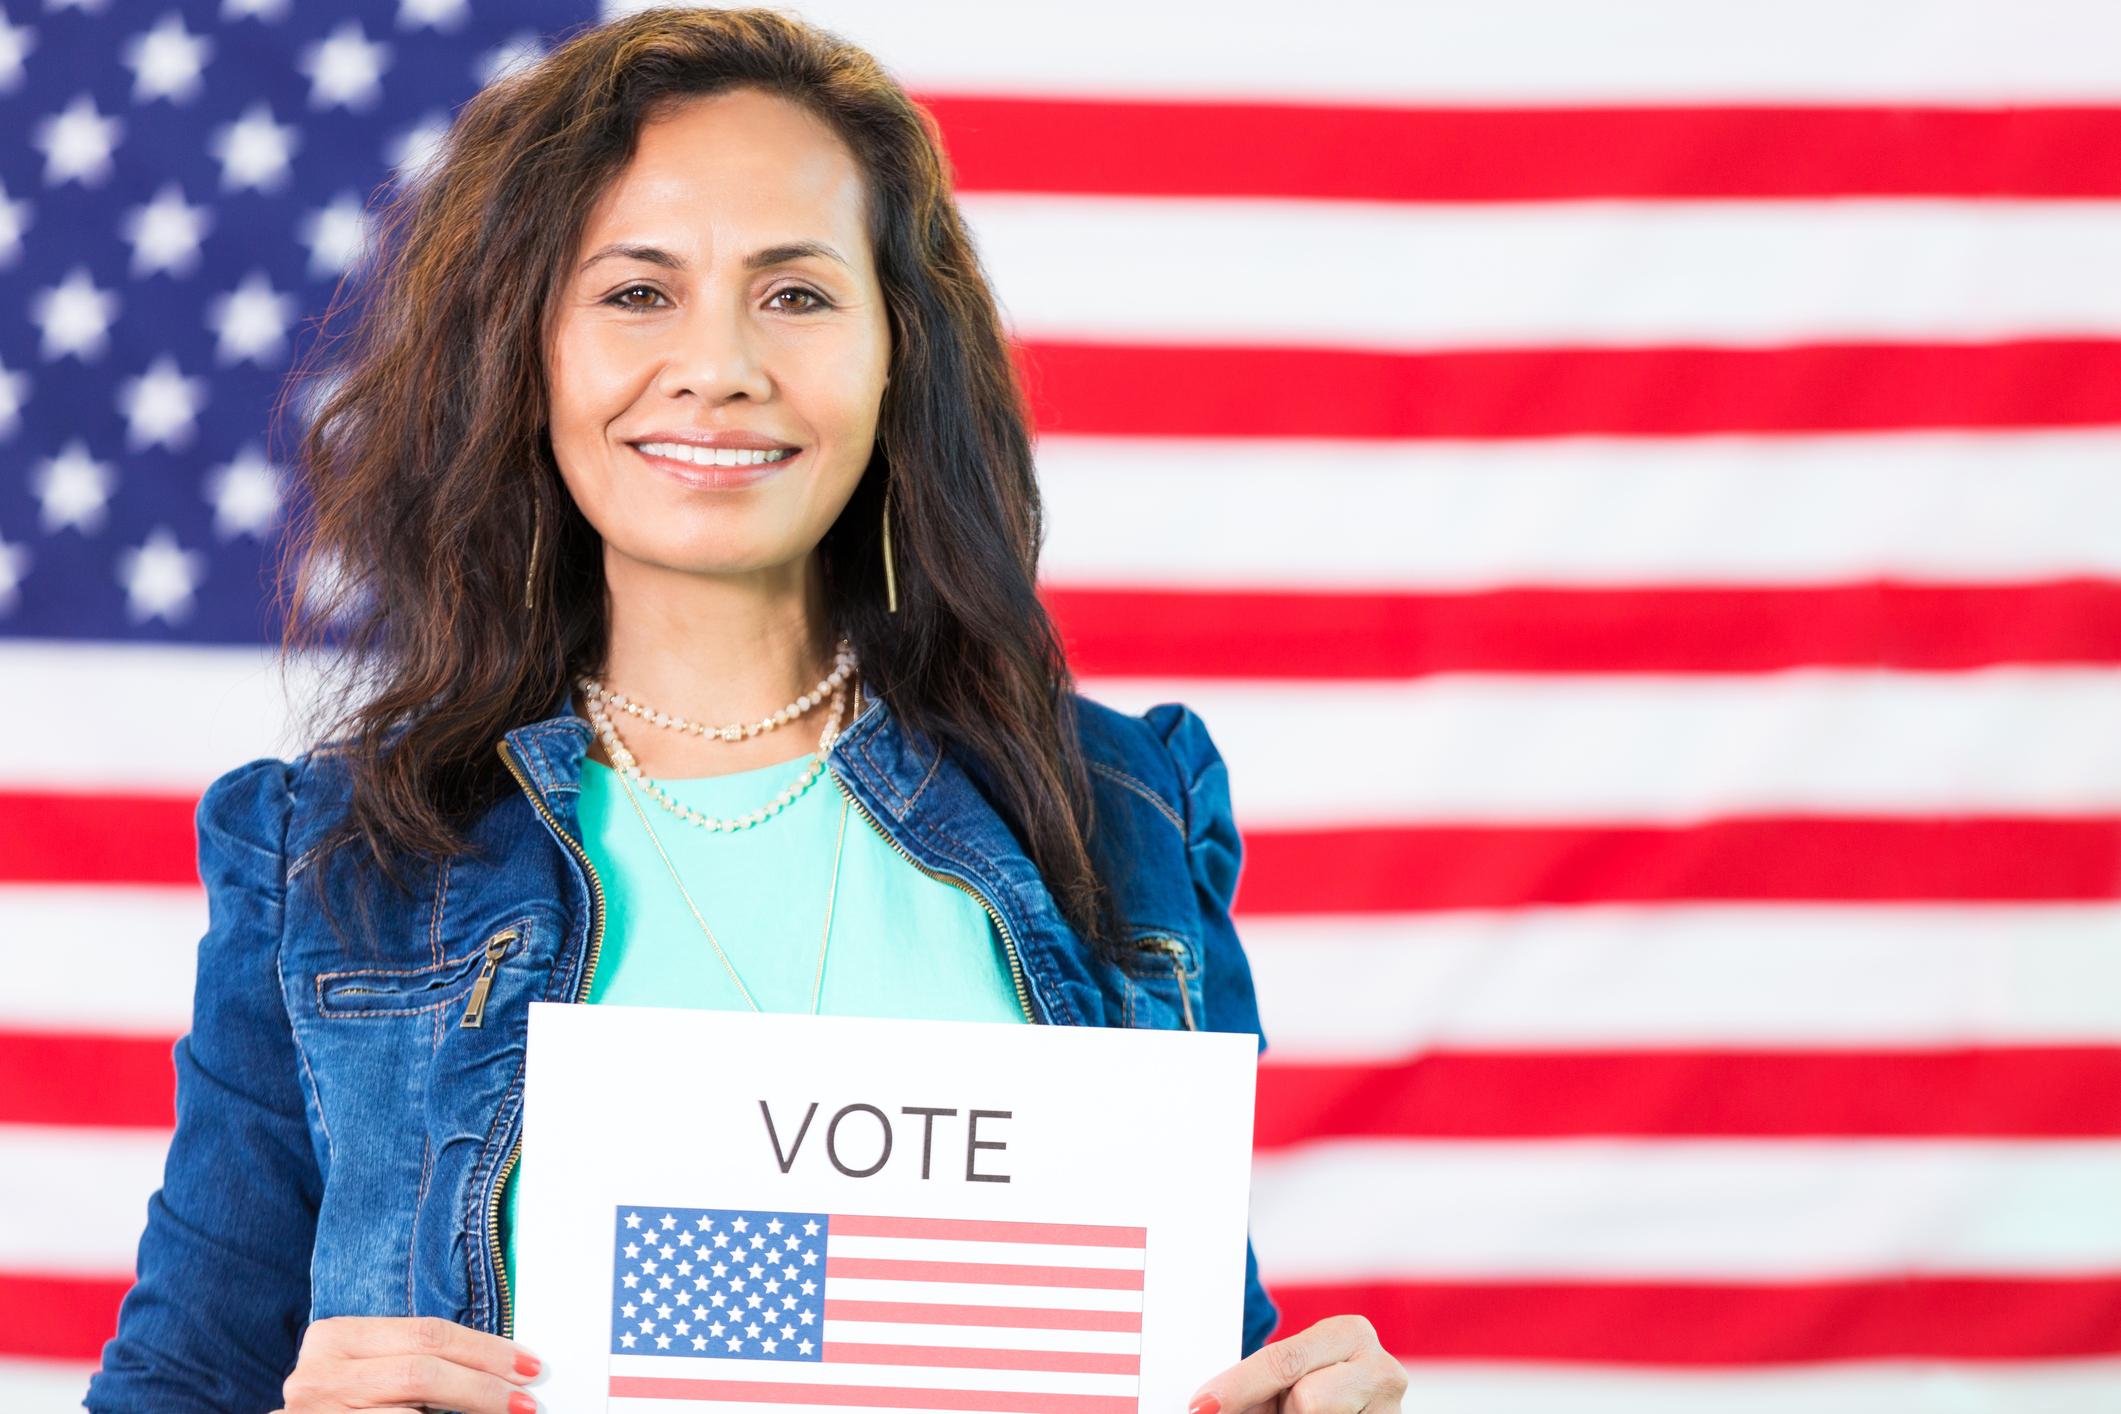 REGTER TO VOTE